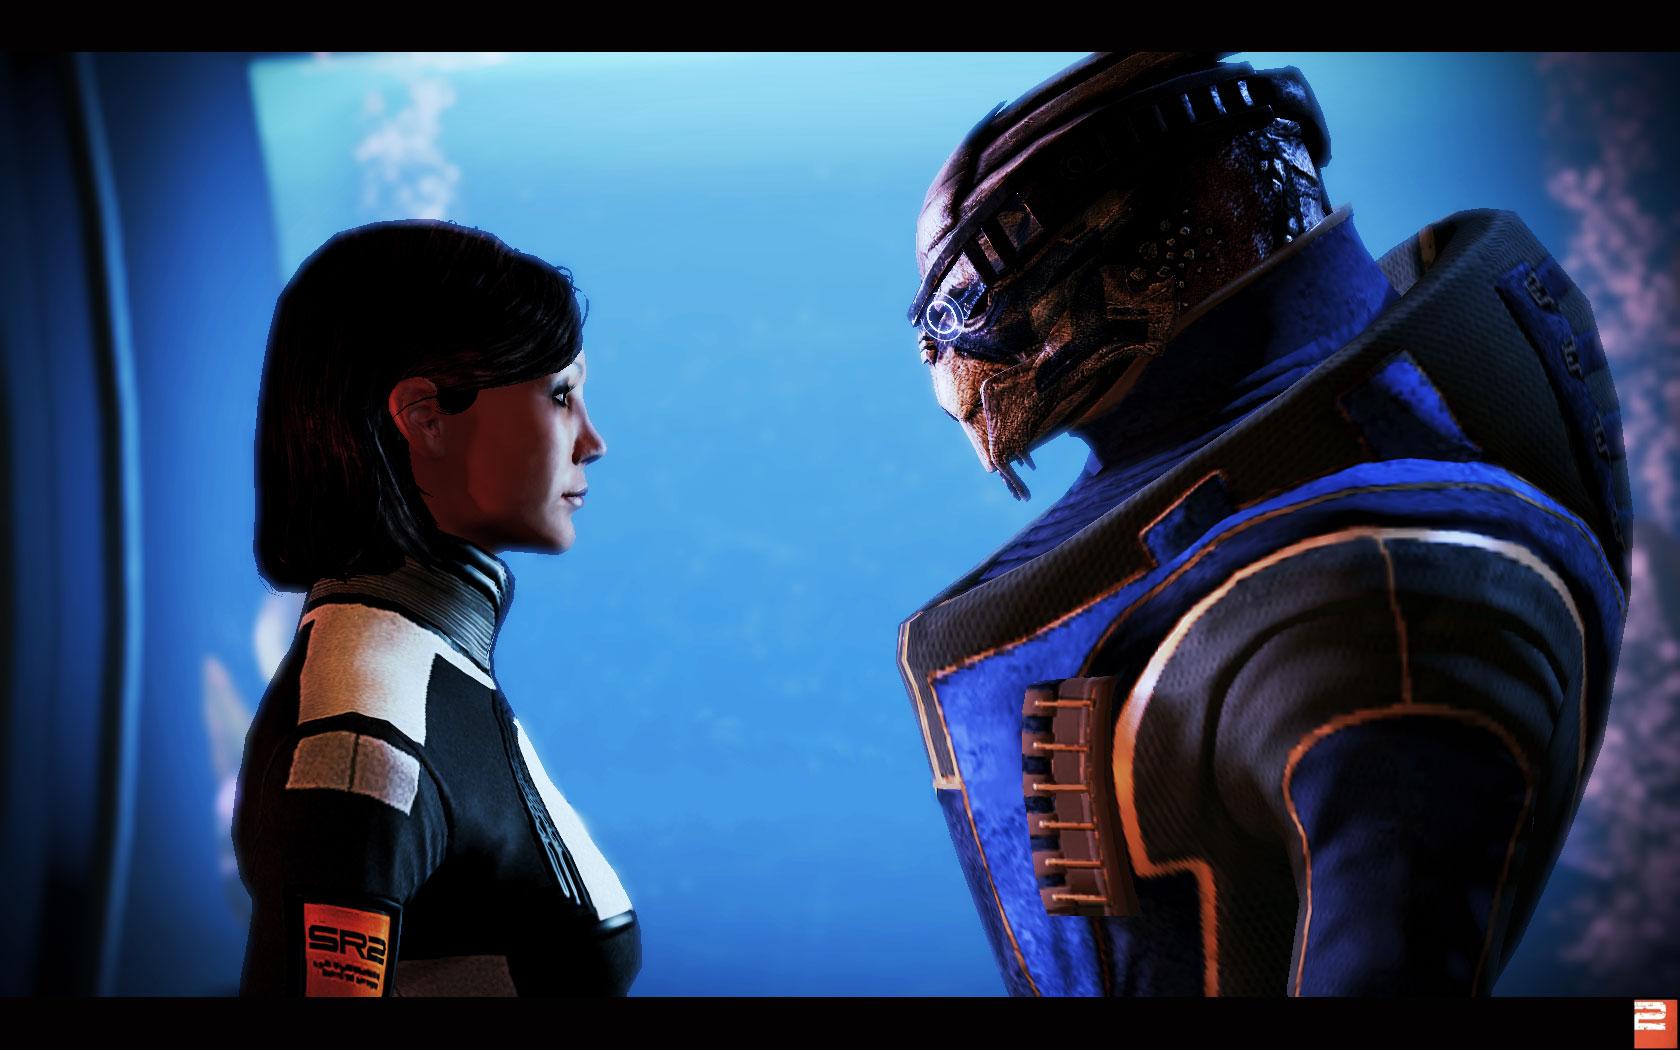 Femshep romancing Garrus in Mass Effect 2